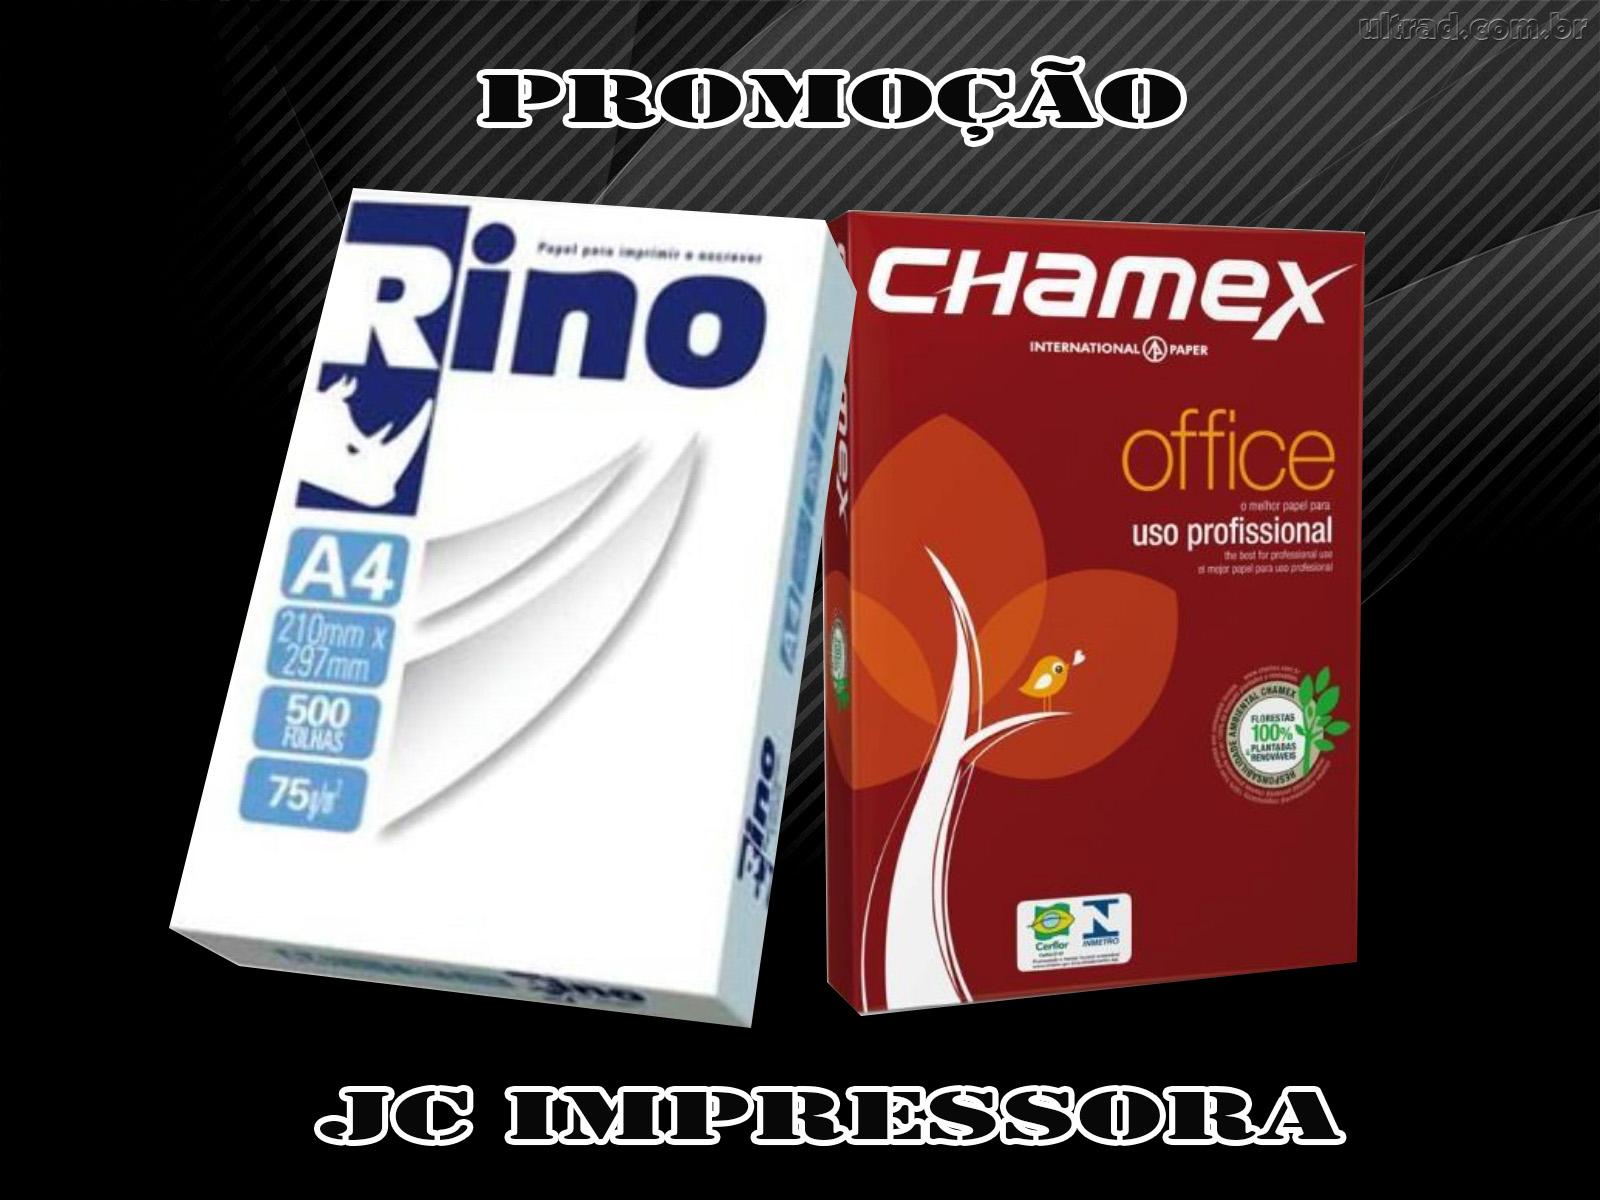 Barracão – Imprimir ficou mais econômico, a JC Impressoras está com uma grande promoção de papel A4